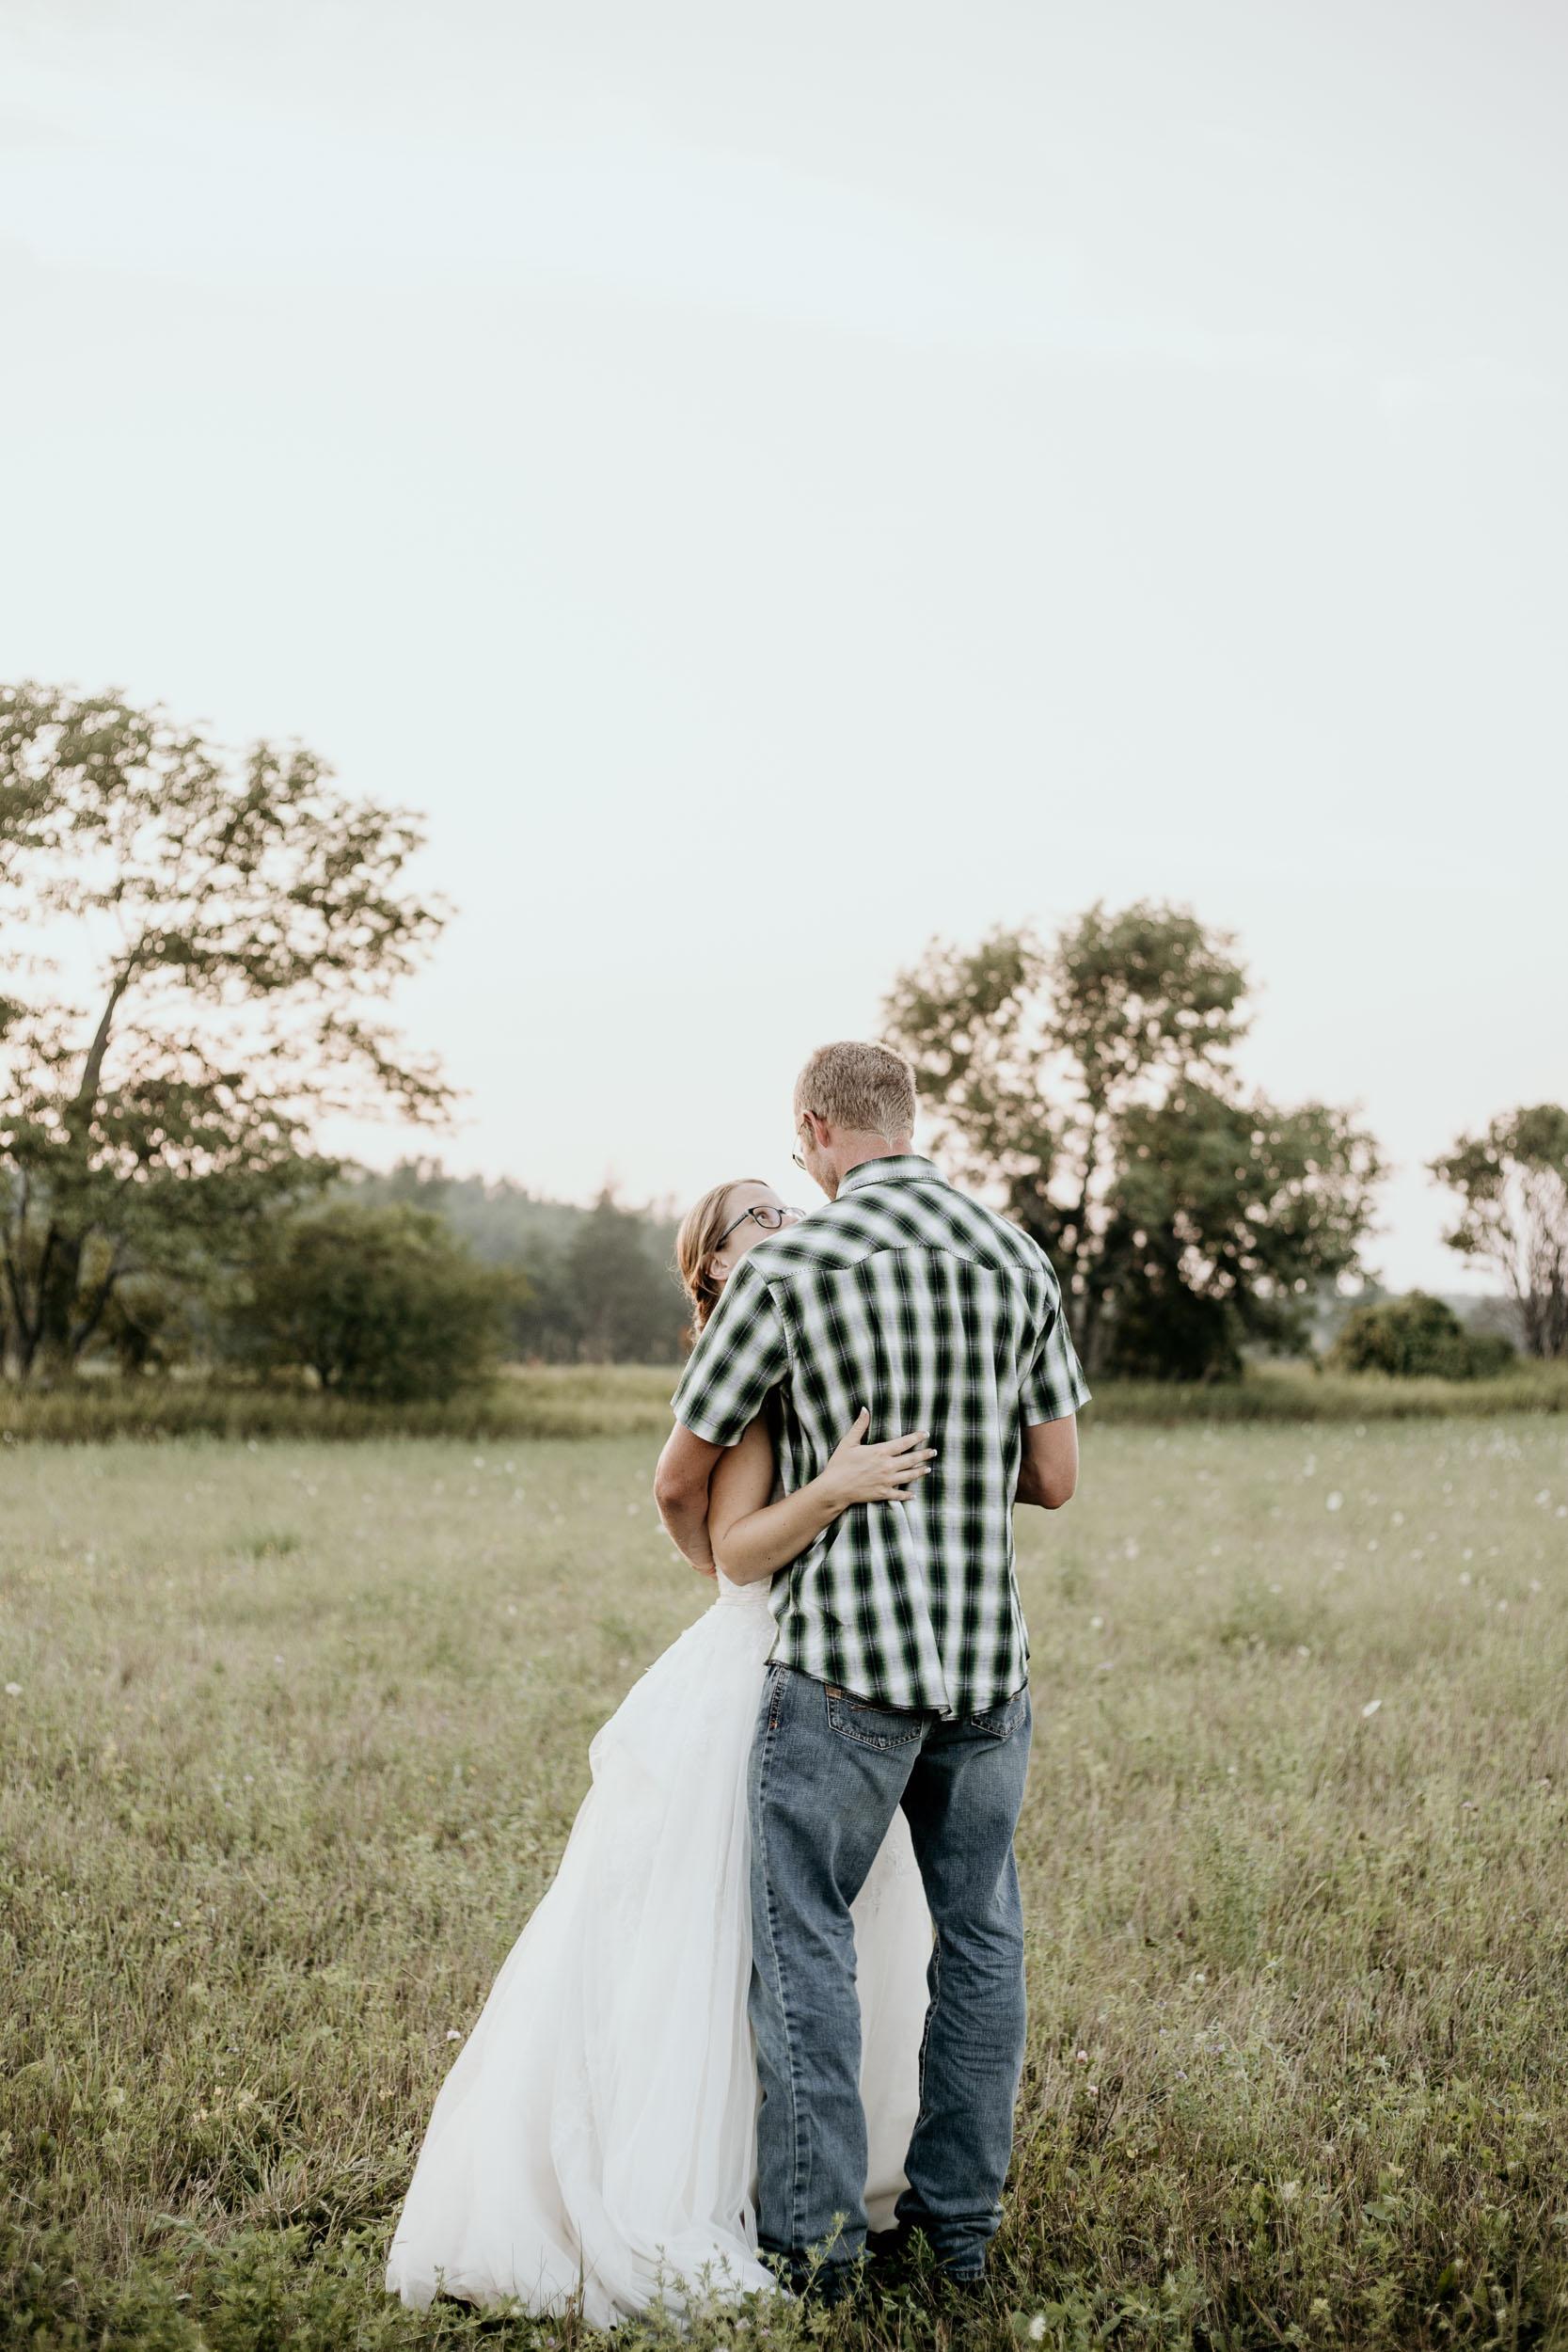 intimate-wedding-elopement-photographer-ottawa-joshua-tree-3130.jpg